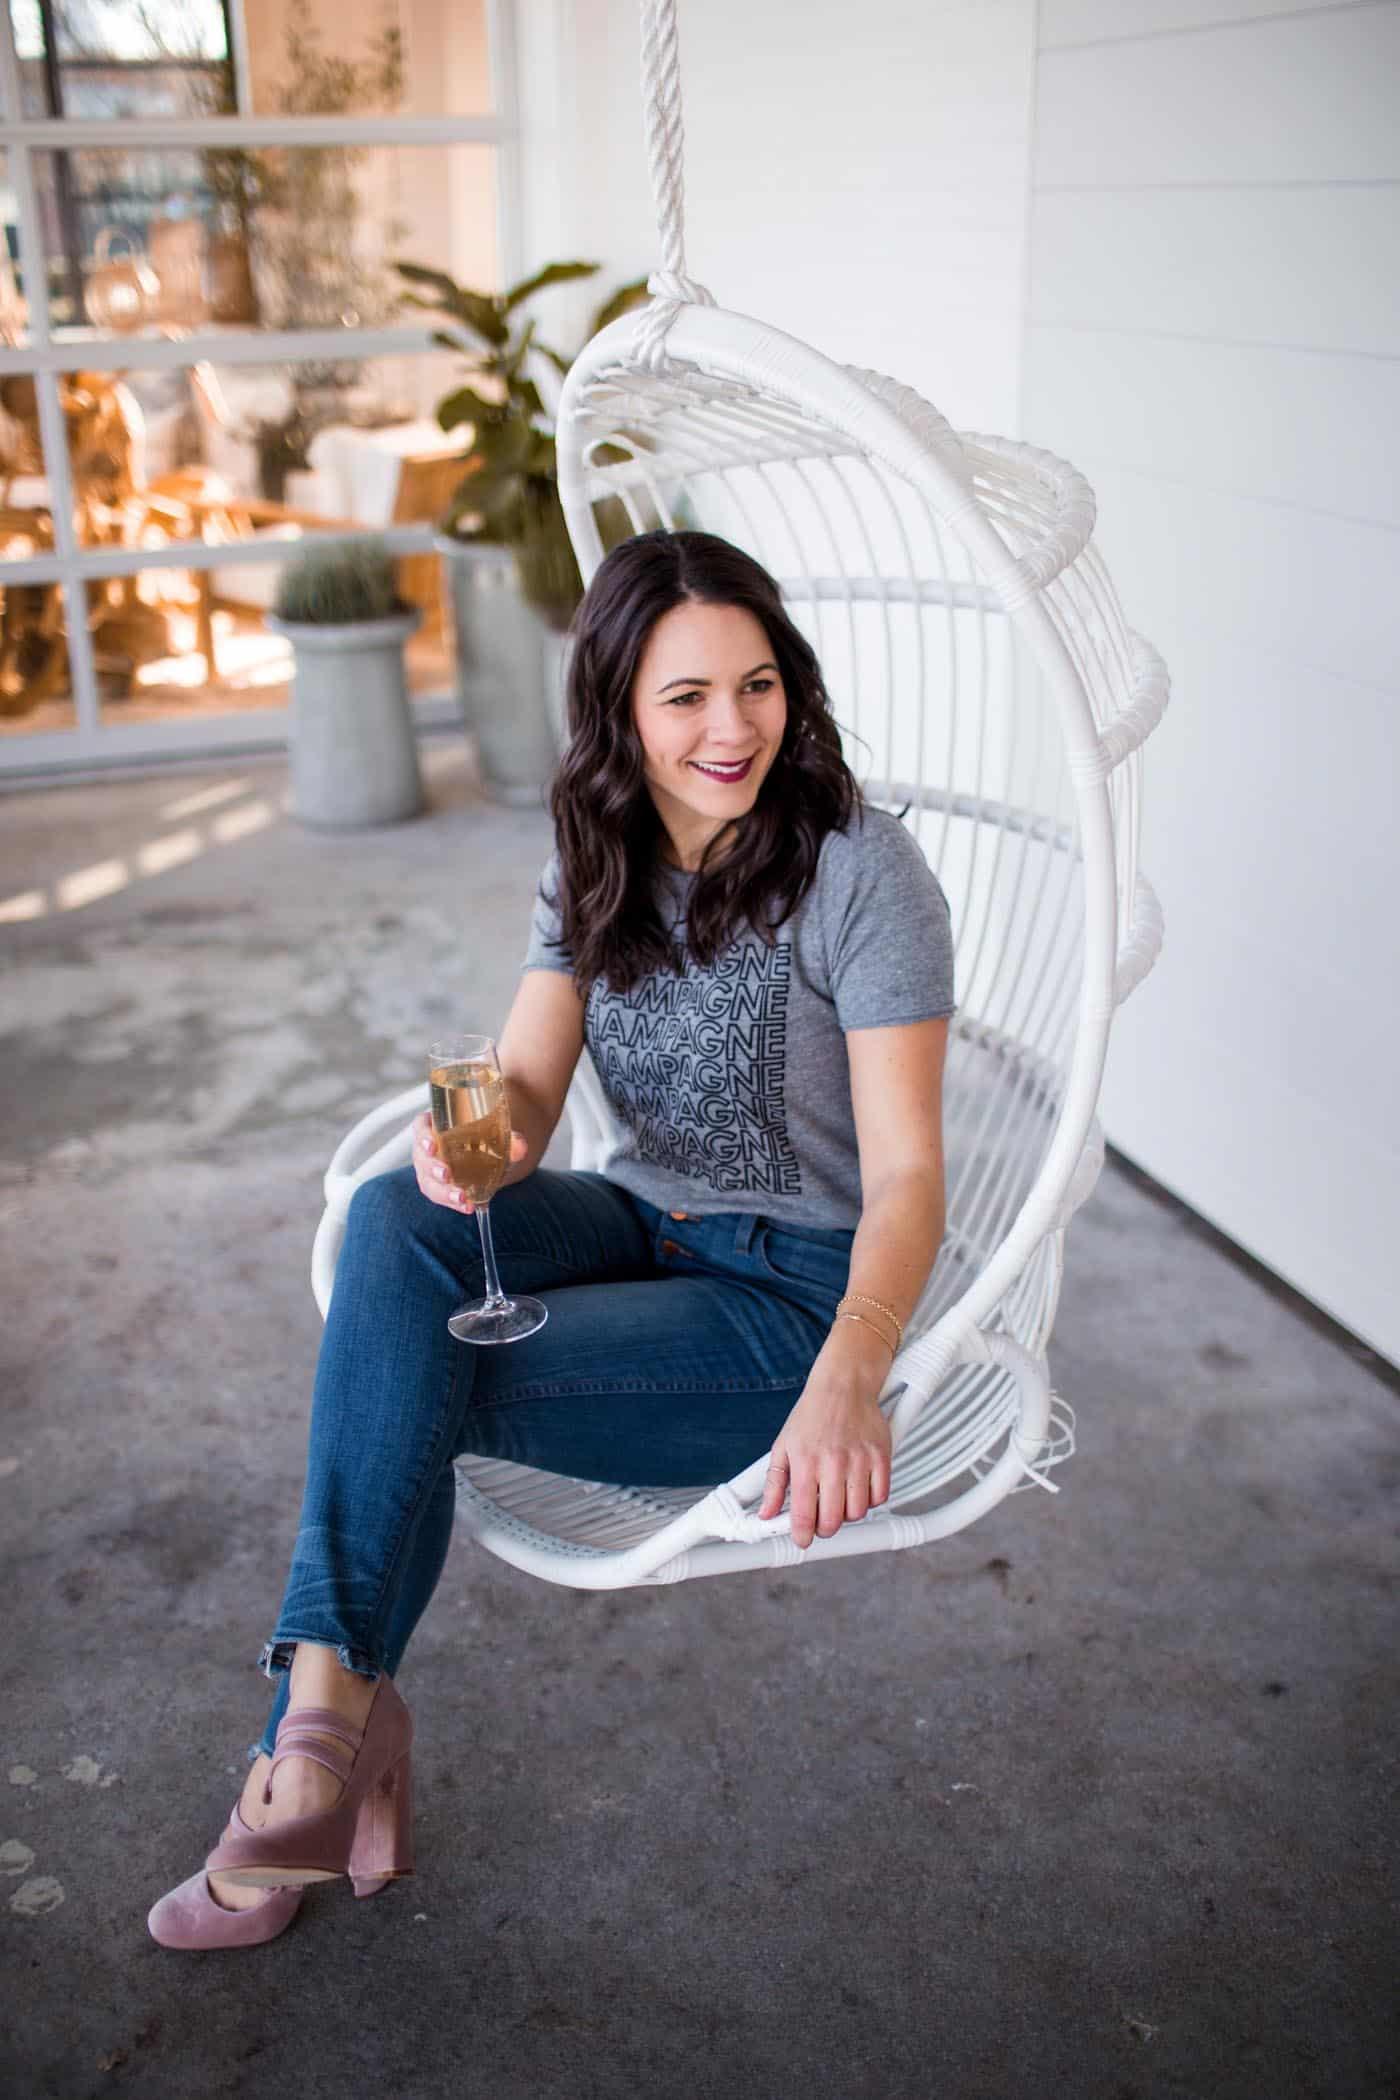 champagne graphic tee, hanging chair - My Style Vita @mystylevita